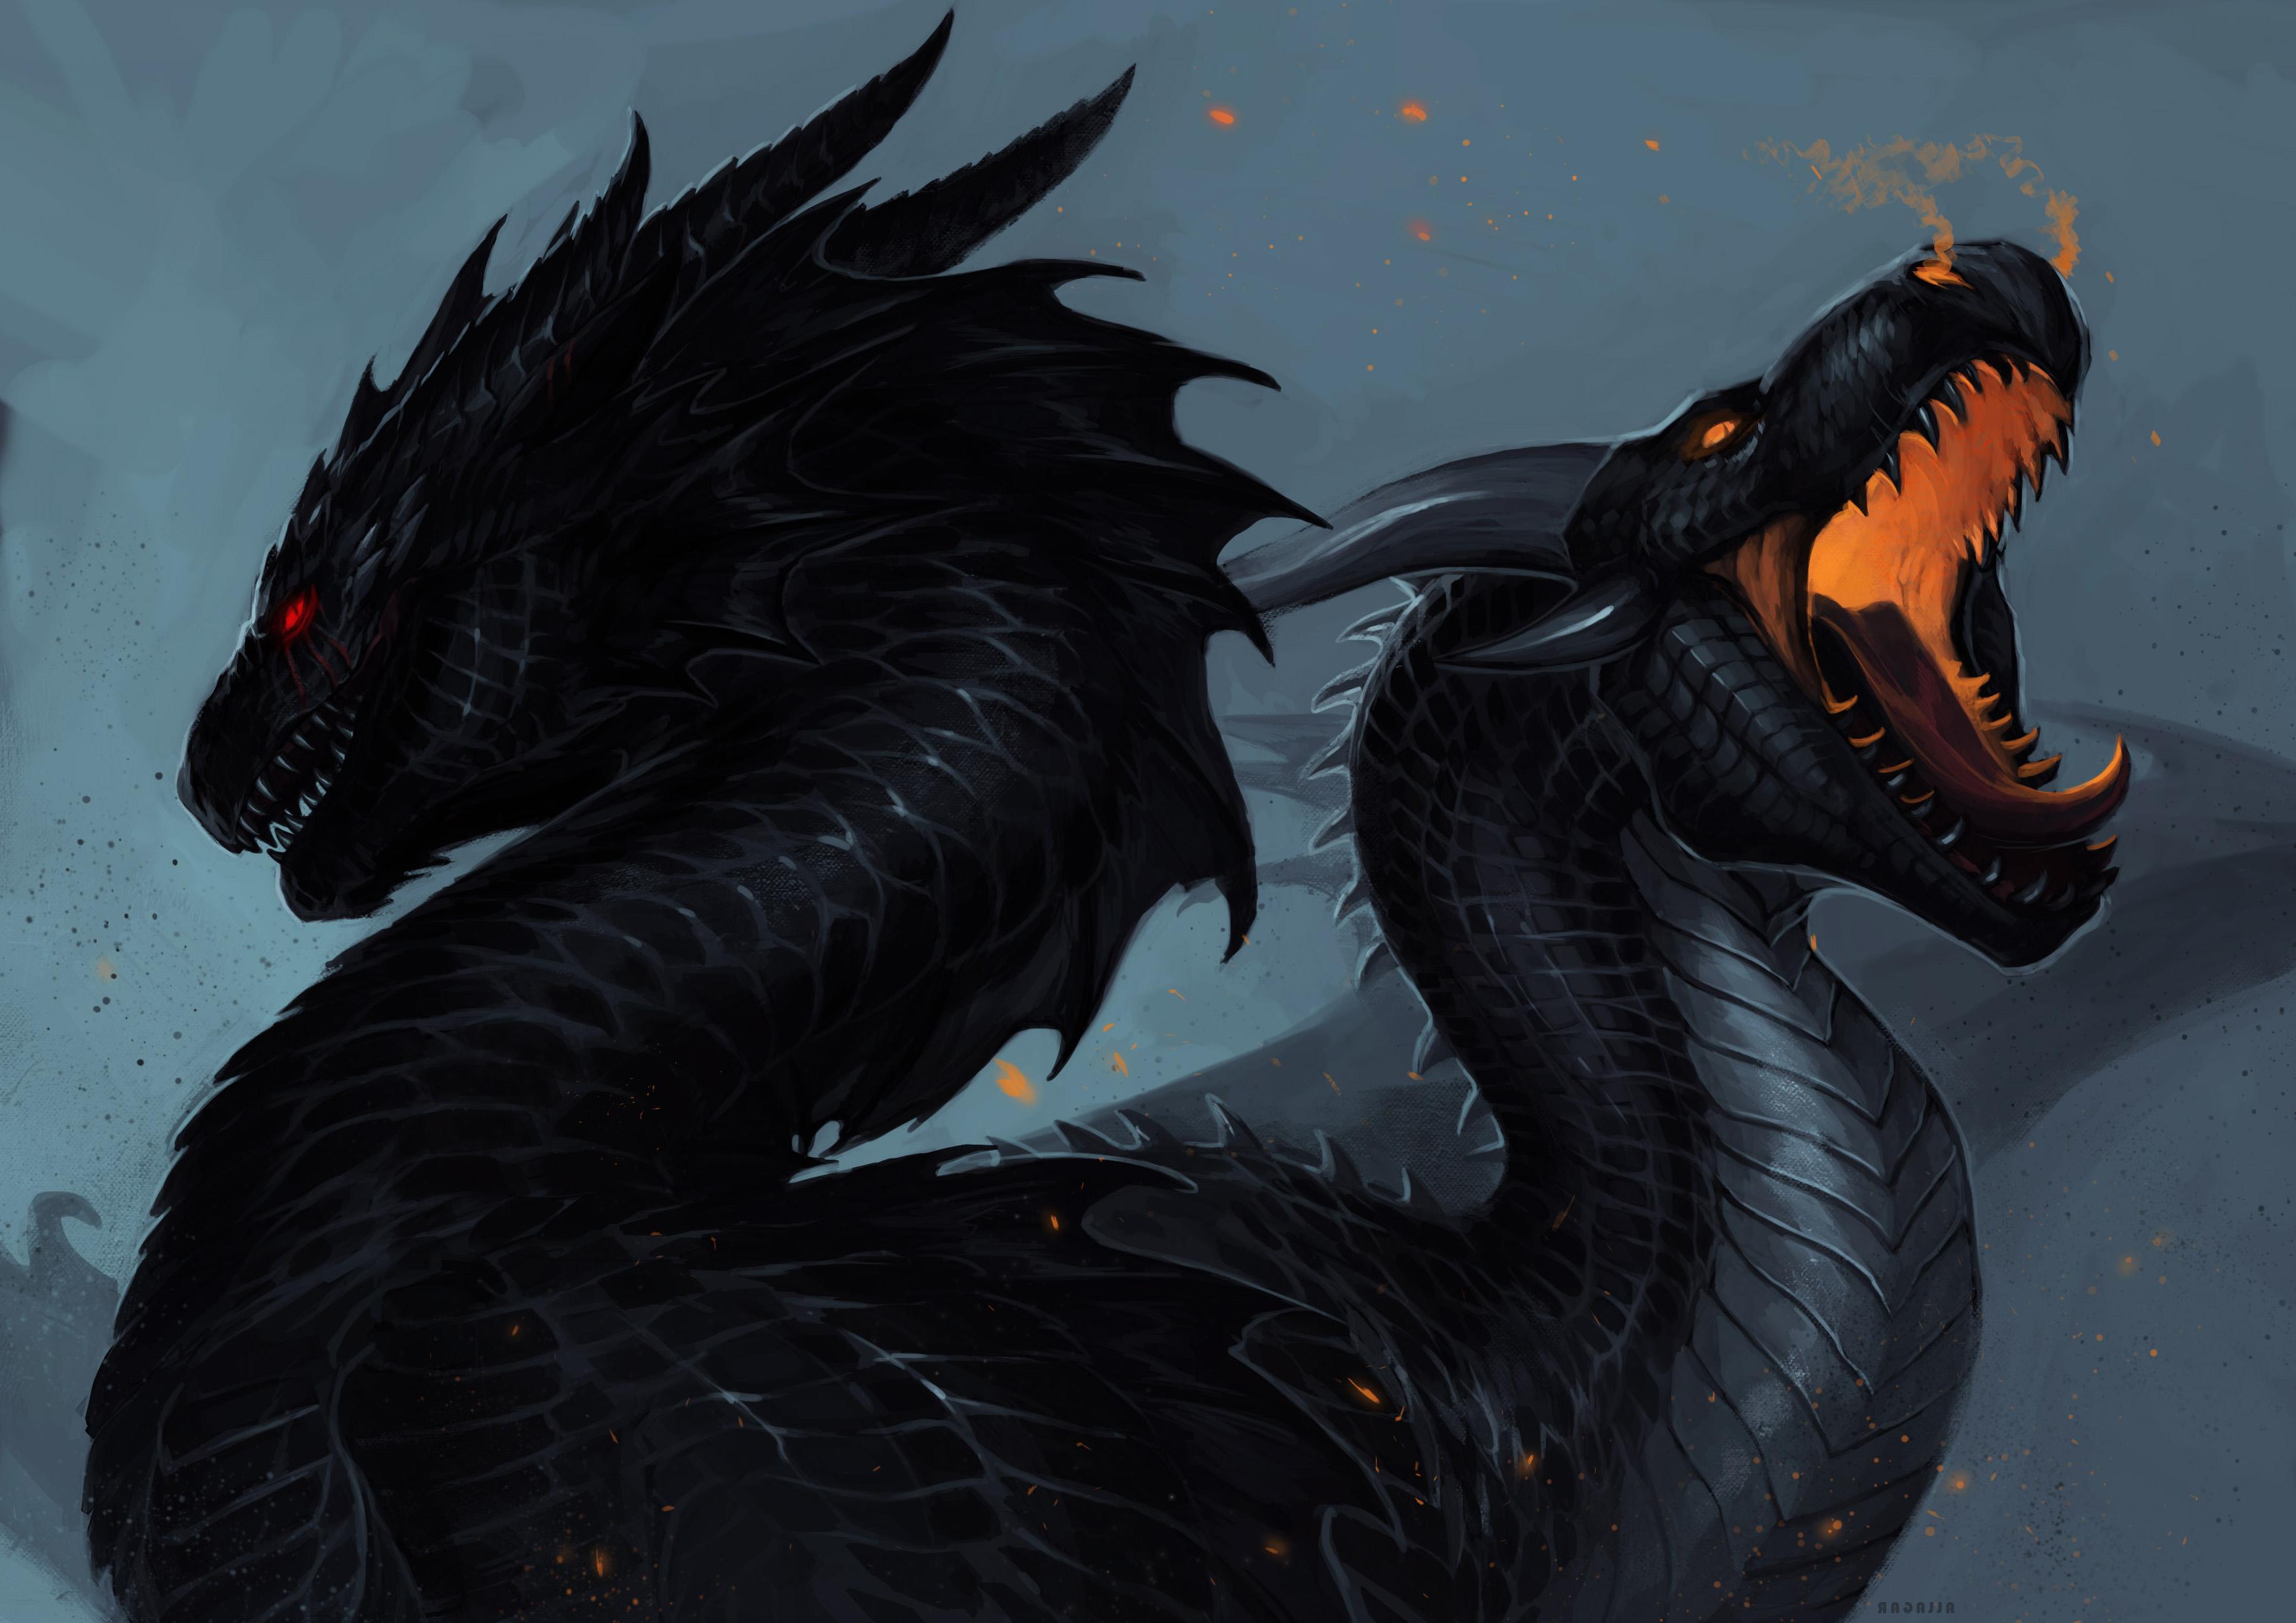 фэнтези, драконы, 4к обои